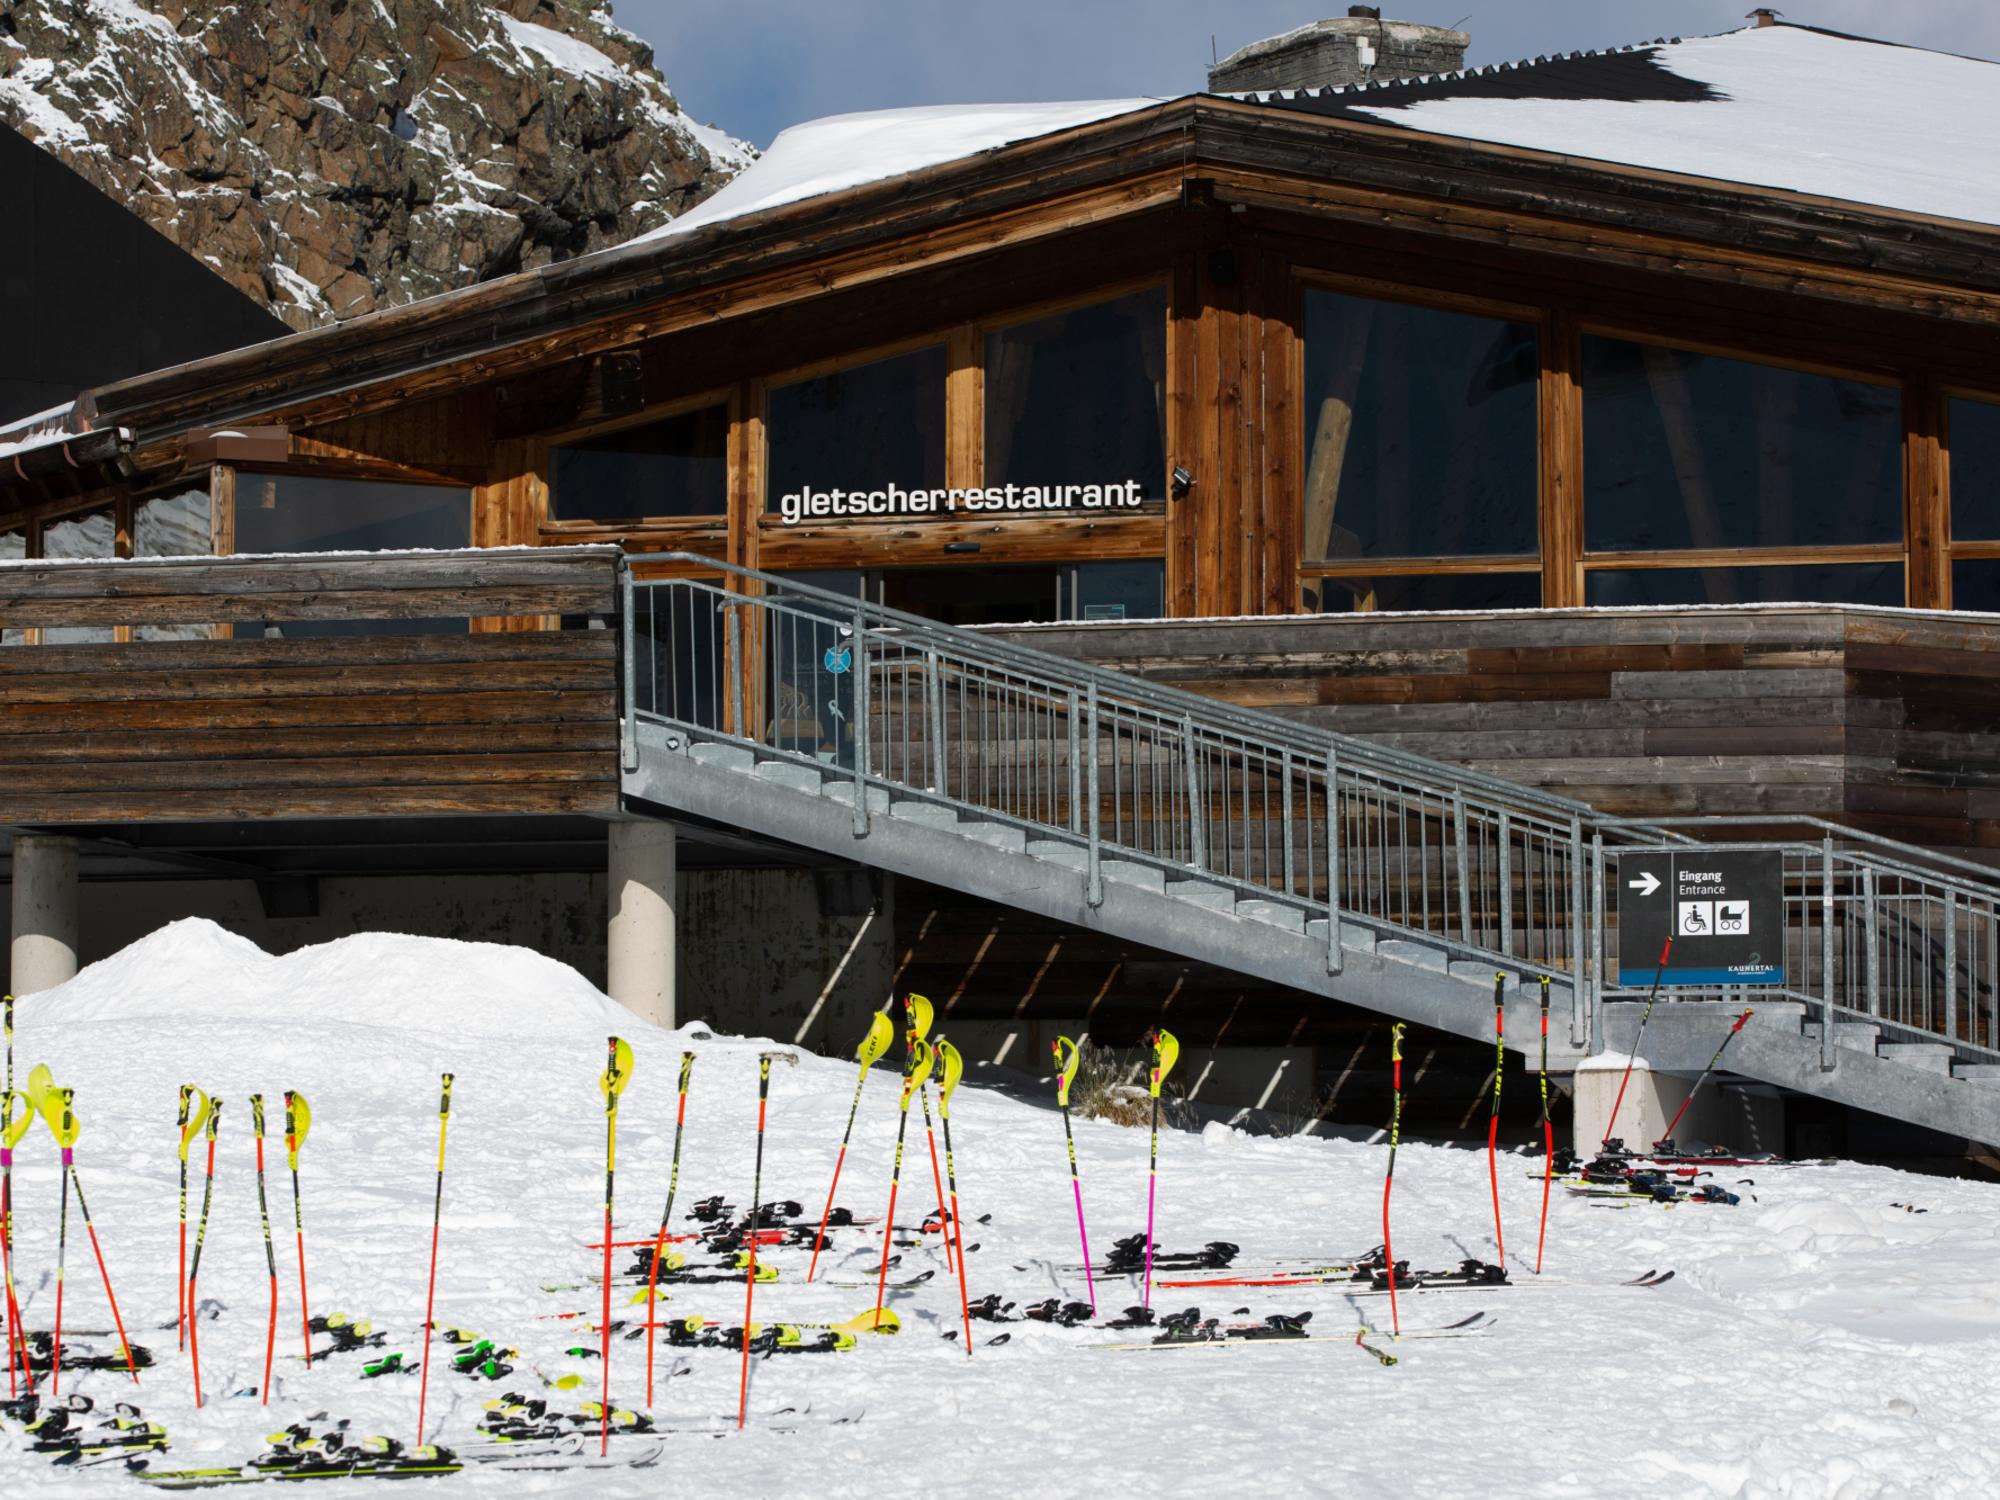 Blick auf das Gletscherrestaurant Kaunertaler Gletscher